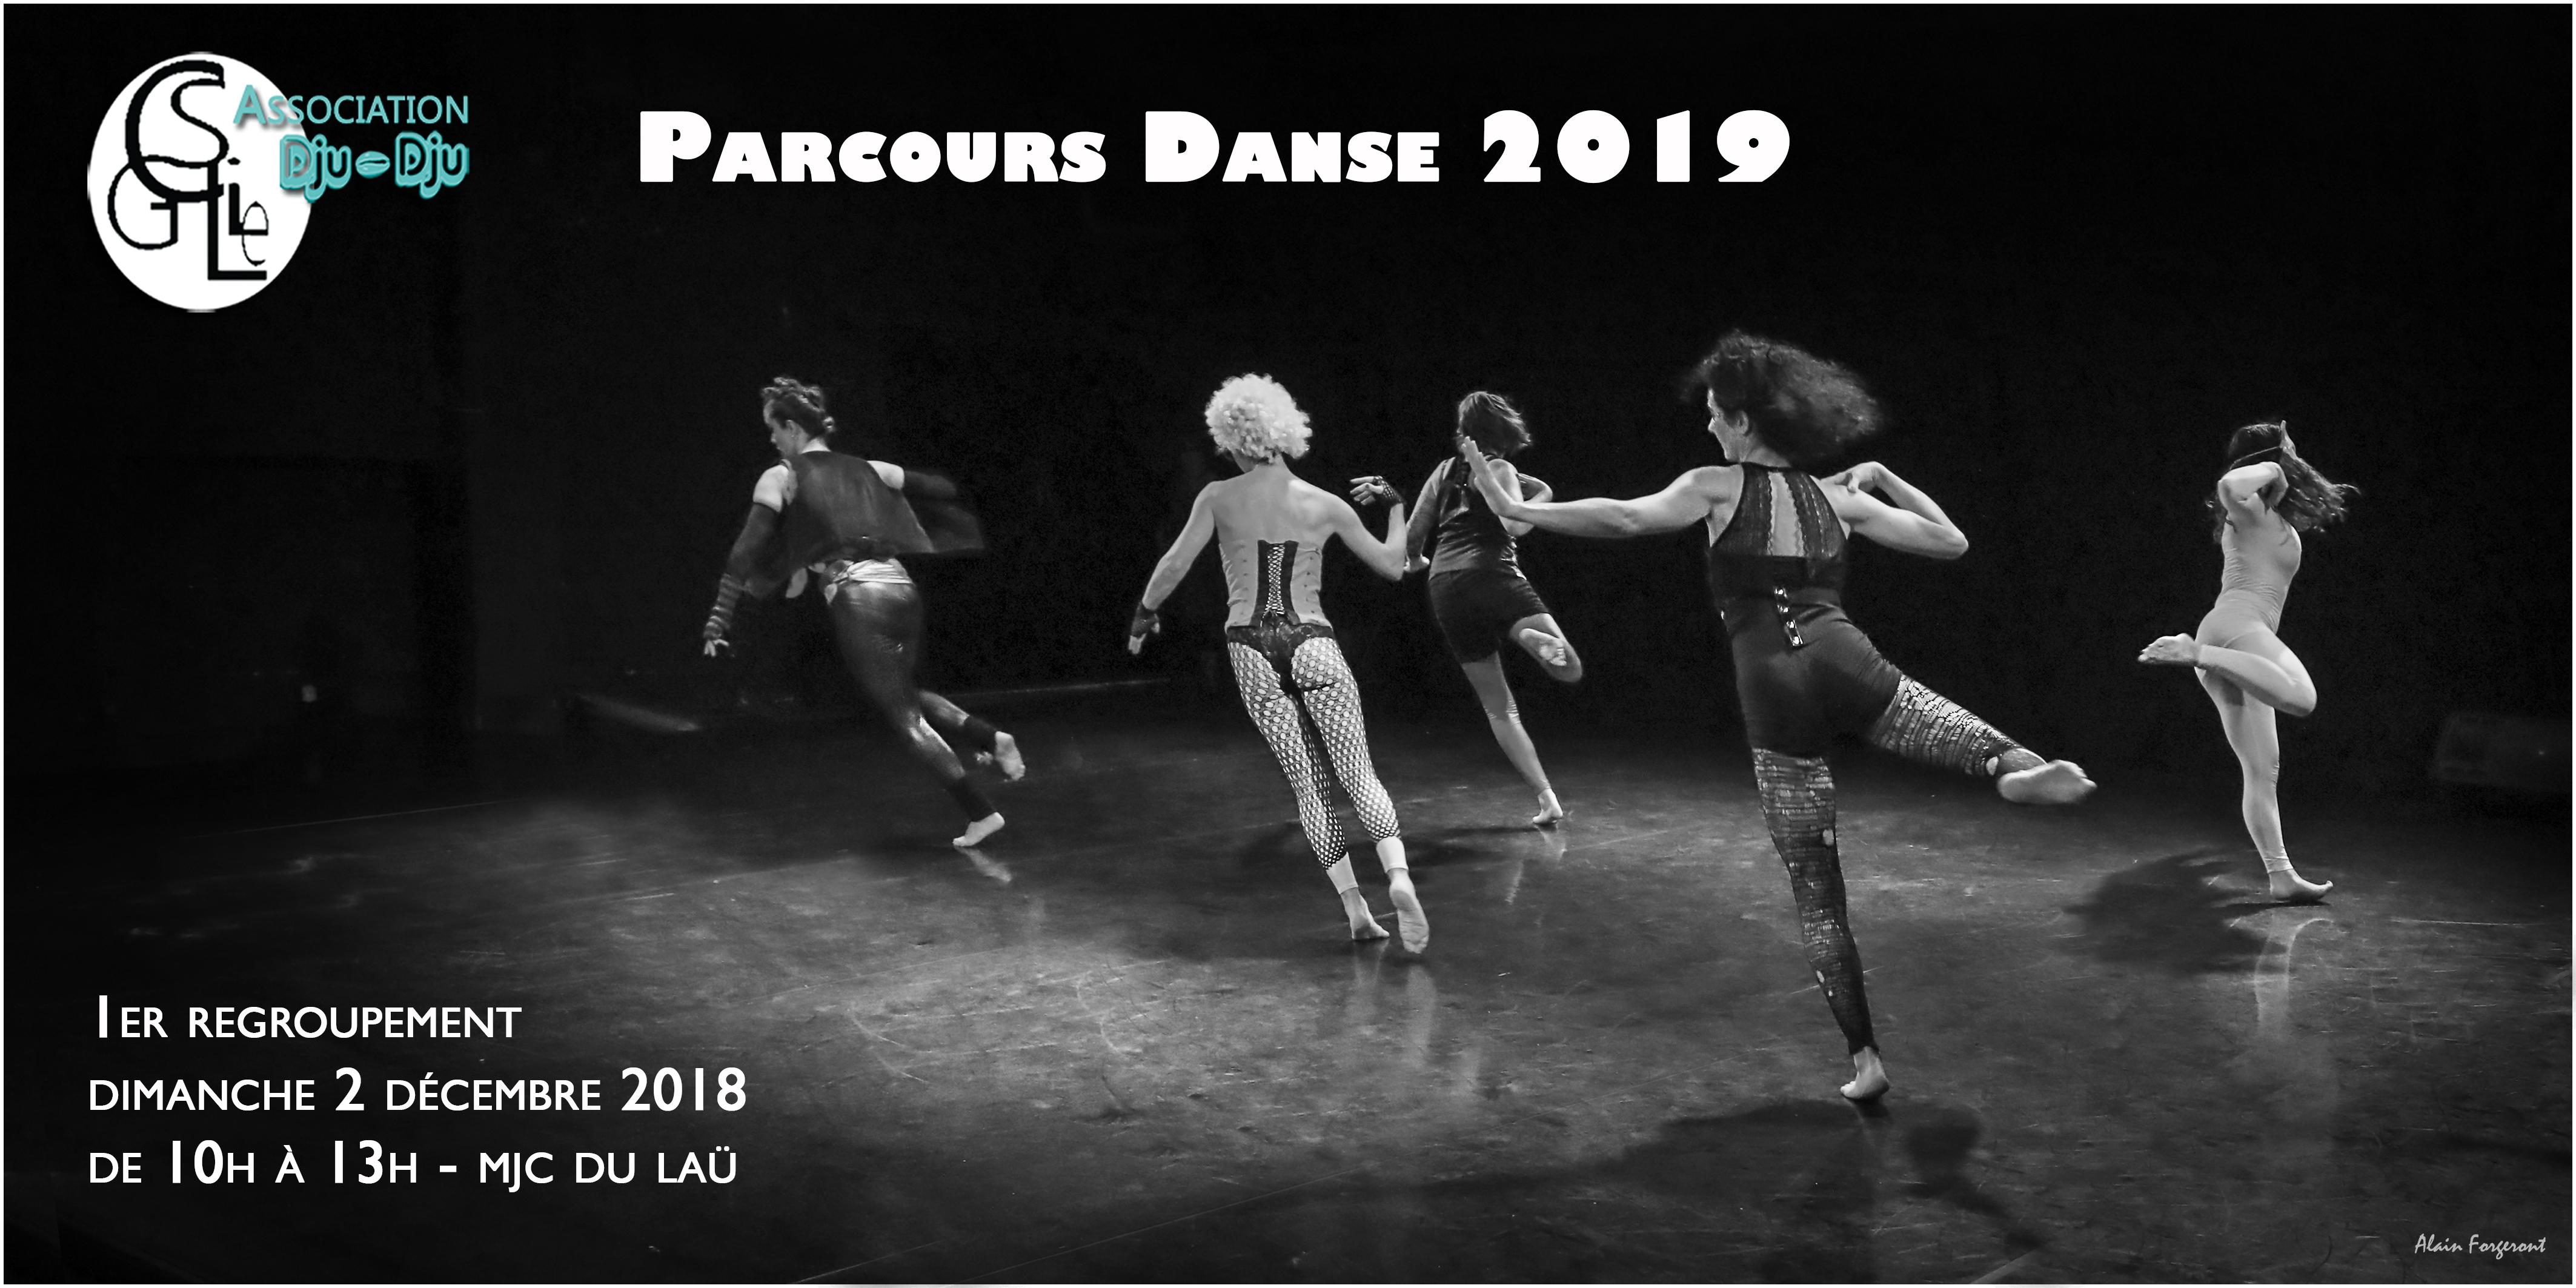 Parcours Danse 2019 - Projet de création amateur...